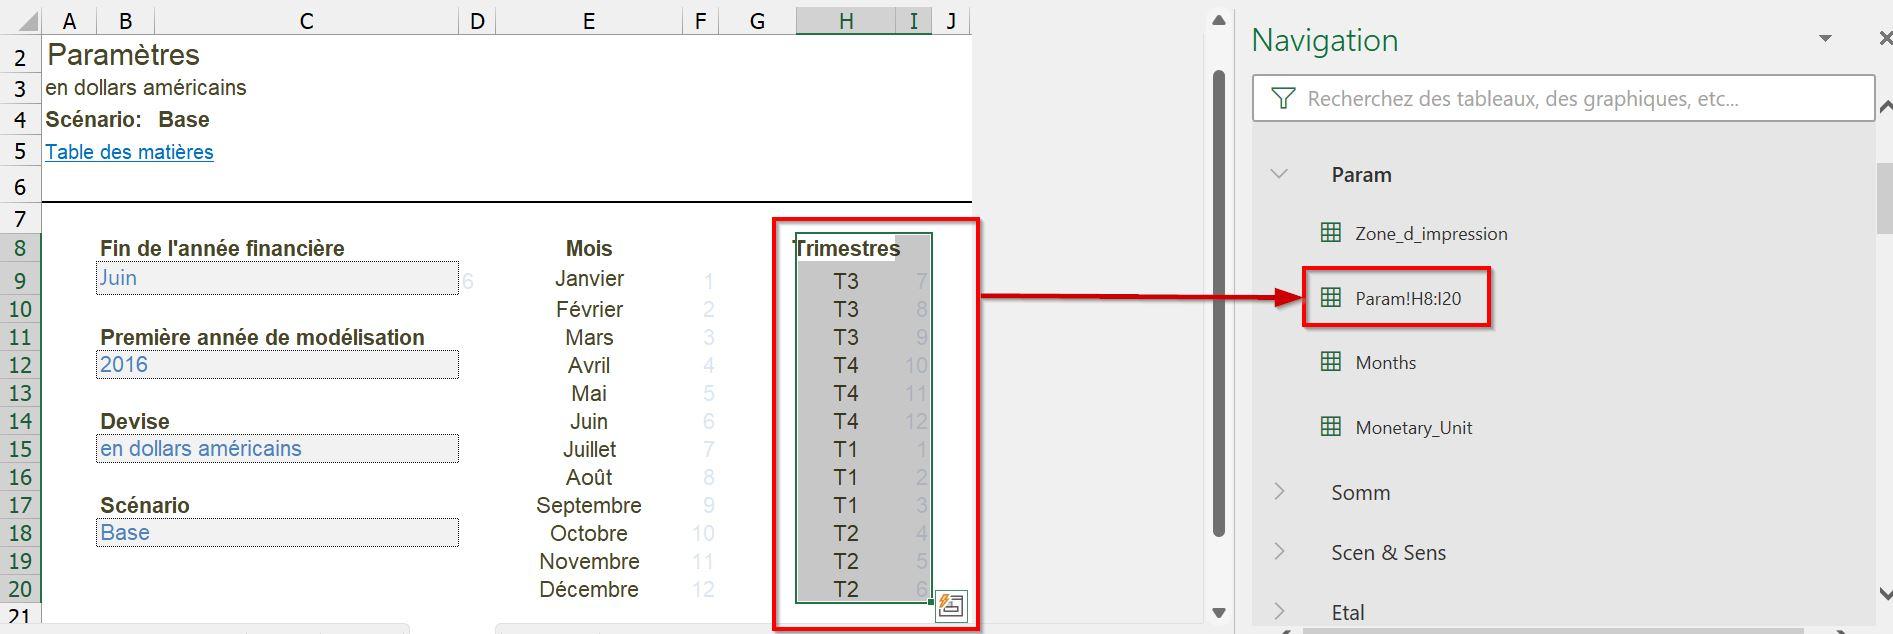 Renommer plage Excel